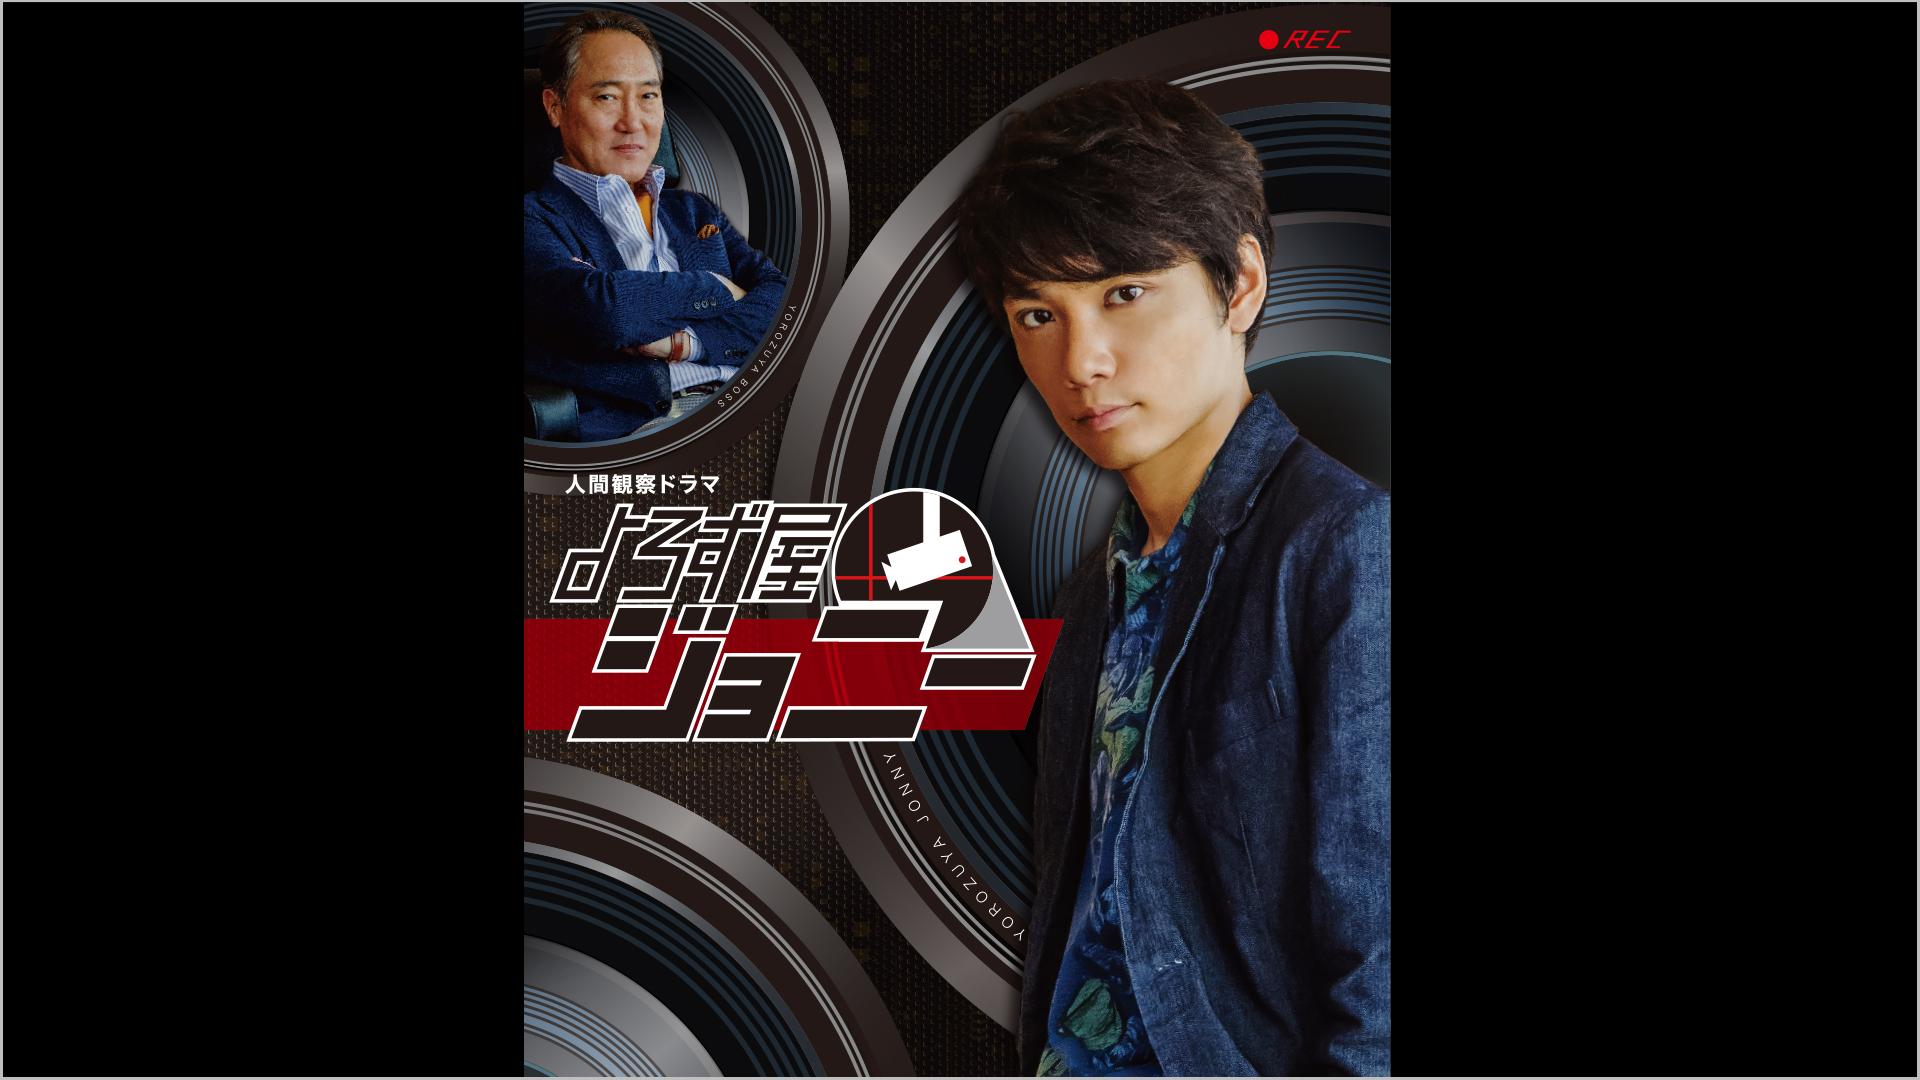 オリジナルドラマ「よろず屋ジョニー」 #2  隠しカメラでみる人間観察ドラマ!